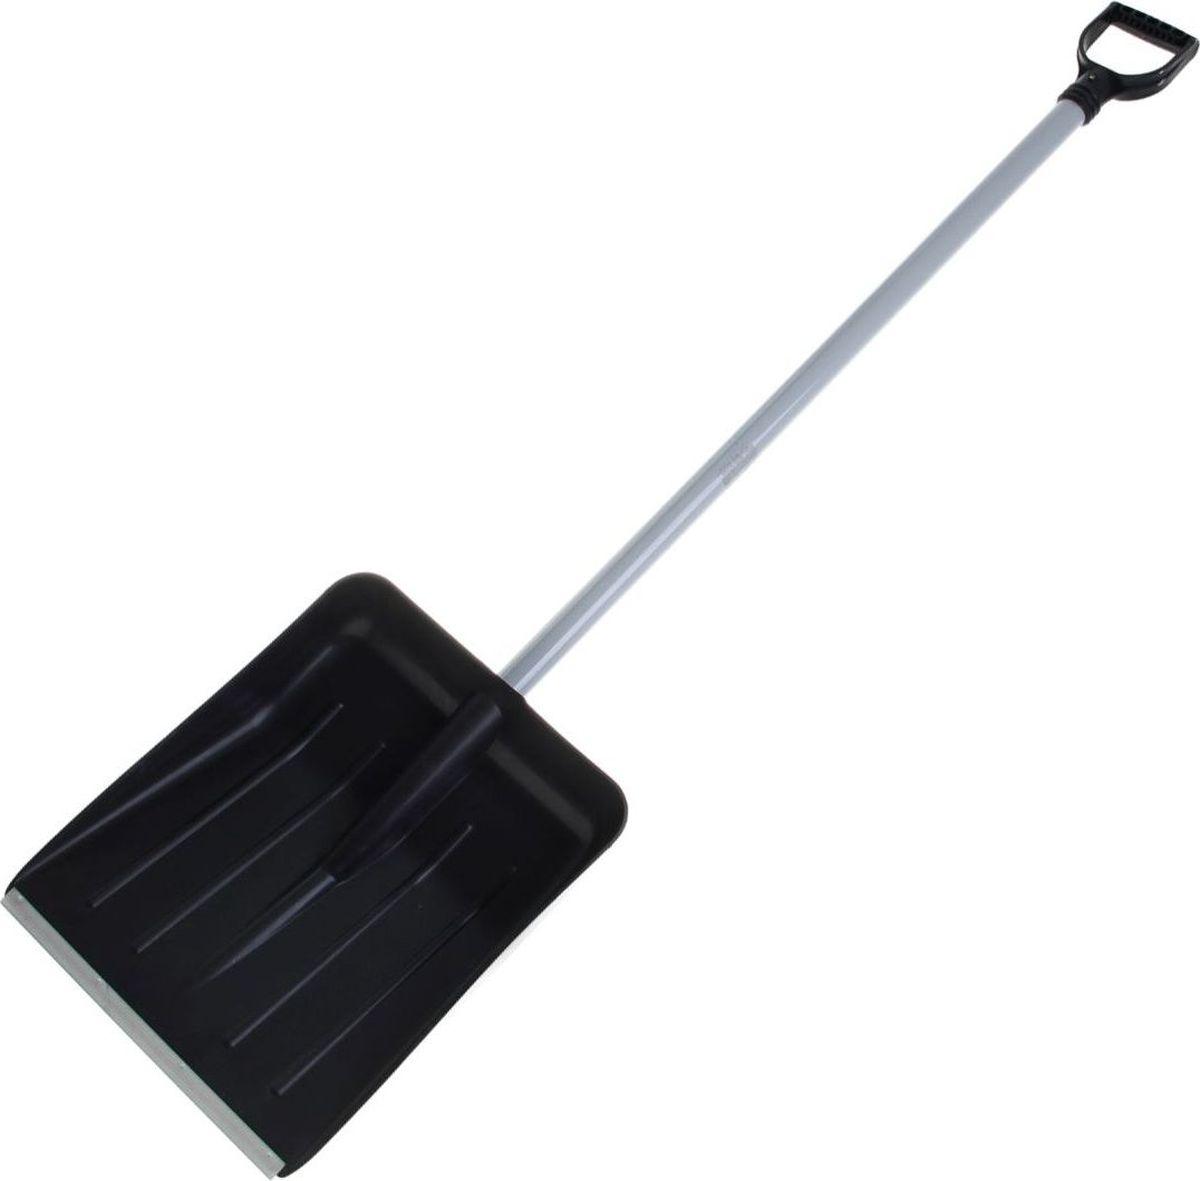 Лопата для снега Альтернатива, с планкой, черенком и ручкой, длина 143 см953223Лопата предназначена для уборки снега. С помощью лопаты вы легко расчистите дорогу. Вы также можете использовать её для комплектации зерновых инструментов. Рабочая часть инструмента выполнена из качественного пластика: она лёгкая и при этом прочная. Специальная металлическая планка увеличивает срок службы изделия.Материал: пластик, метал.